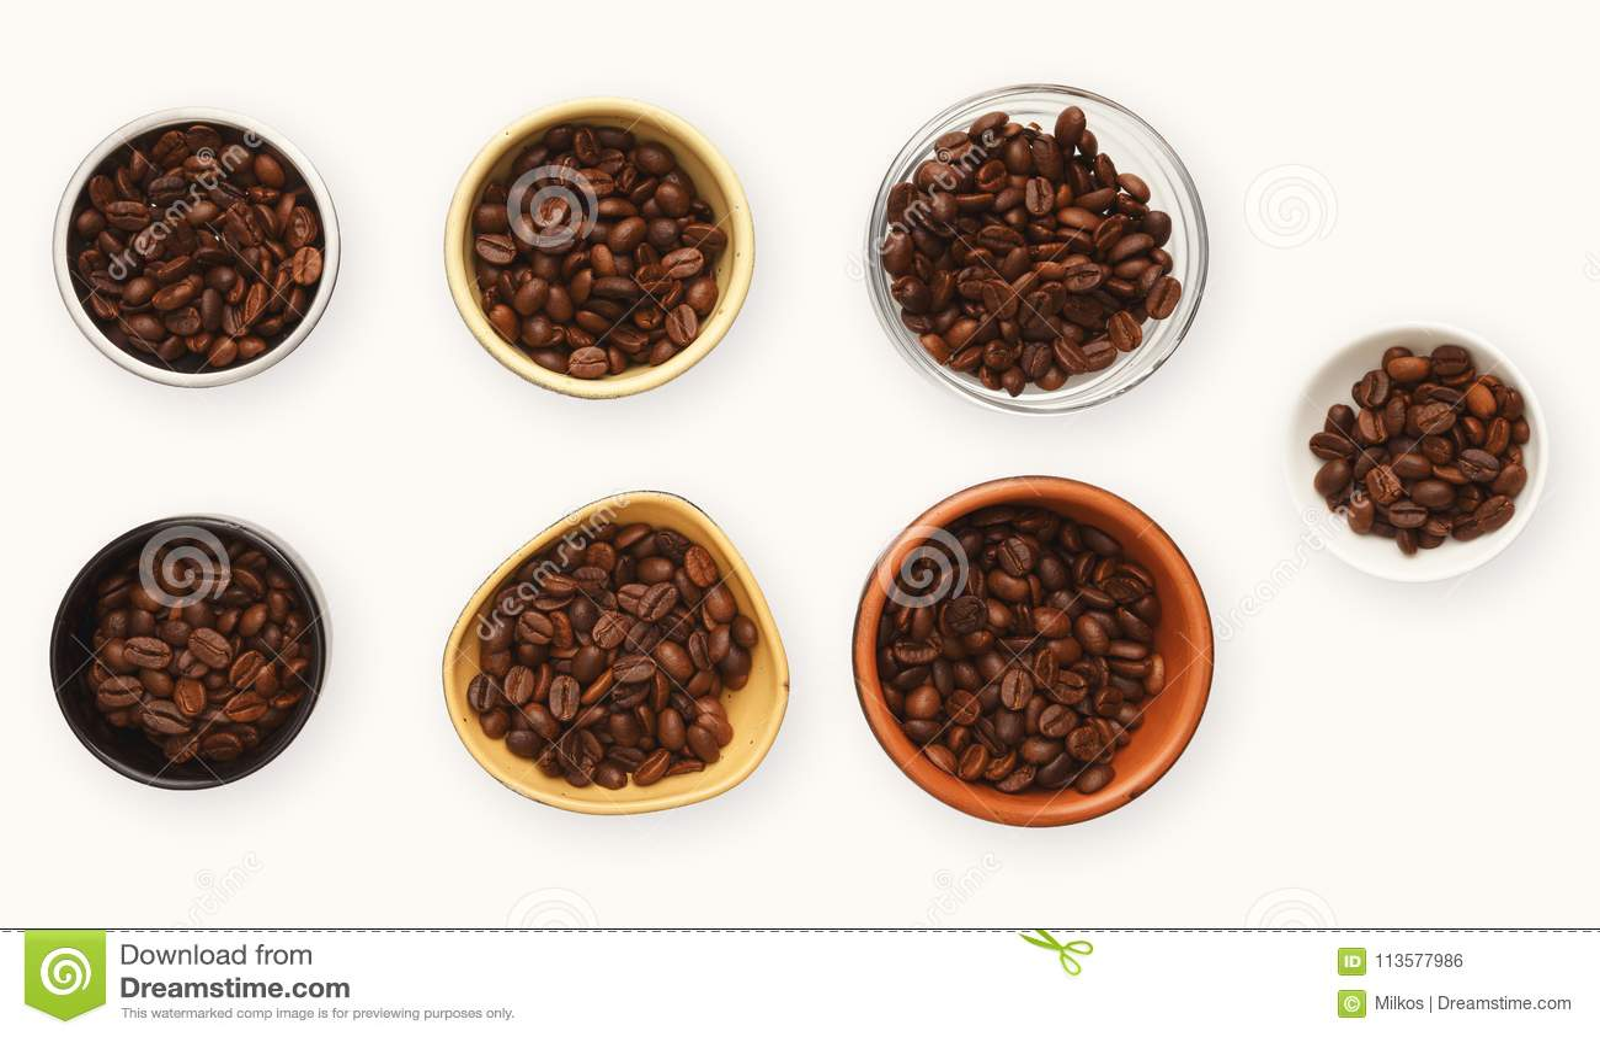 Grillade kaffebönor i bunkar, den bästa sikten, vit isolerade bakgrund